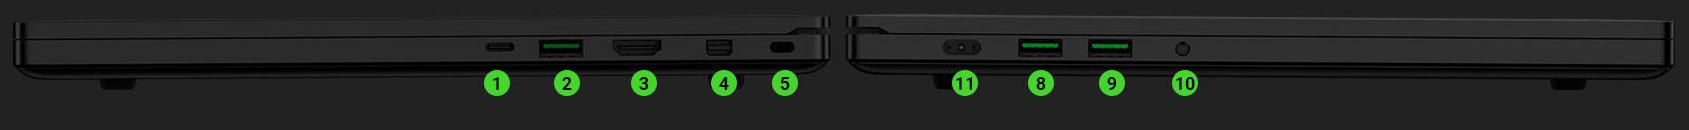 Das neue Basismodell bietet Ethernet (rechts)